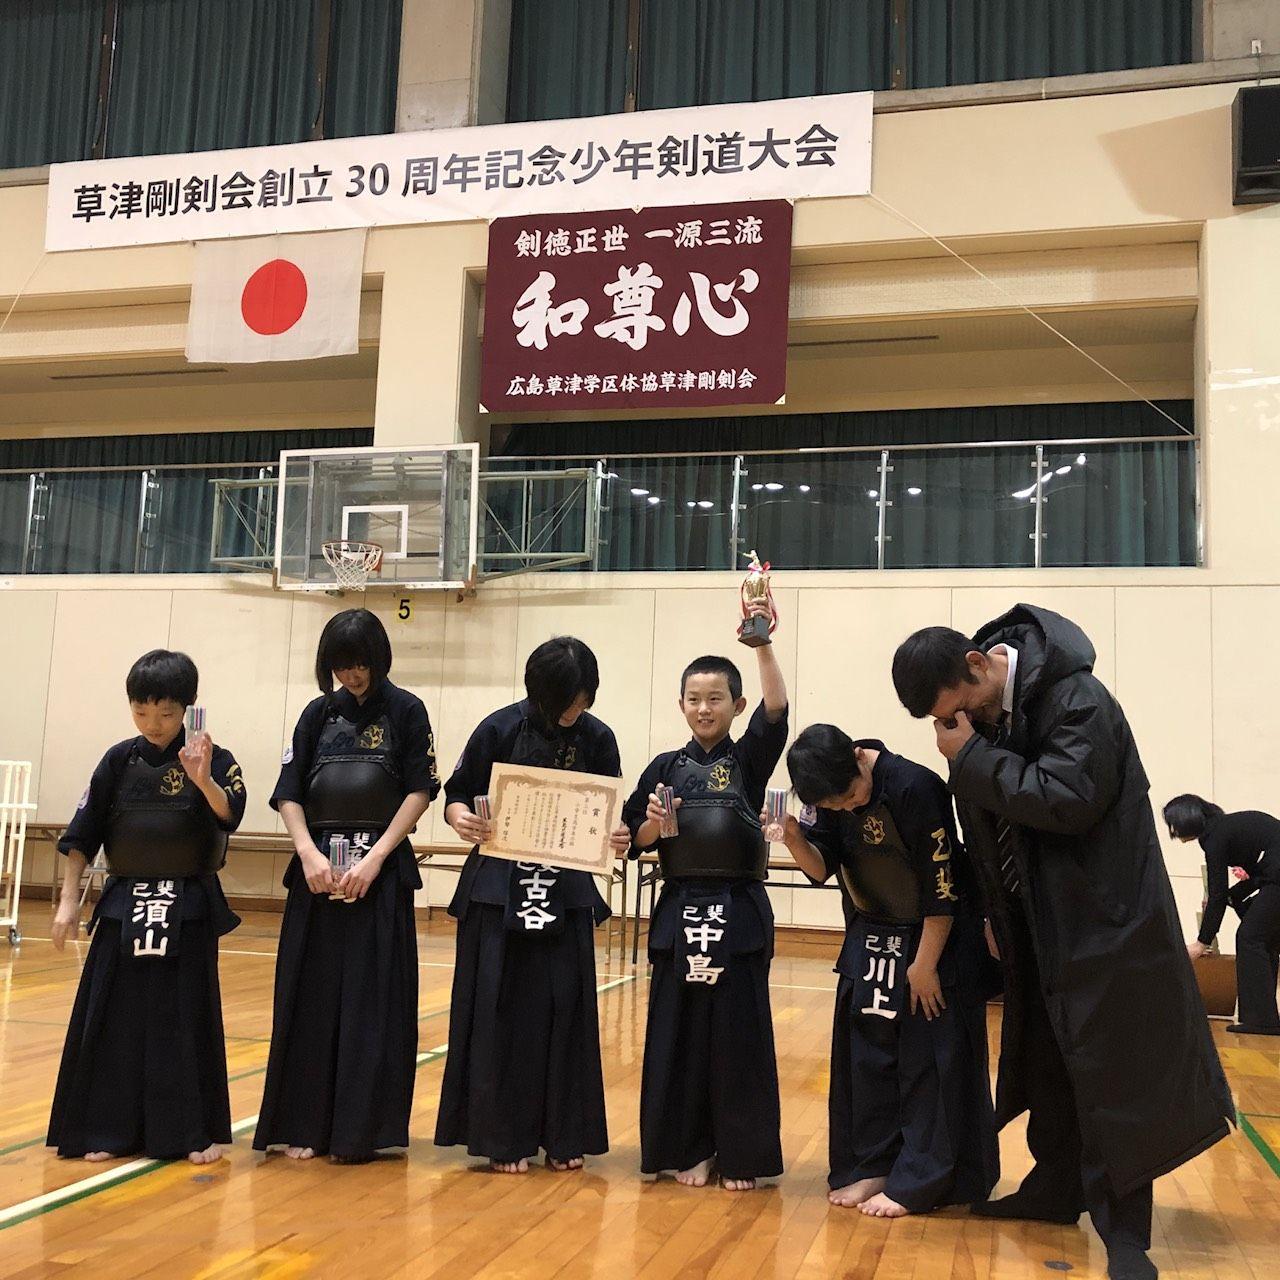 一剣会羽賀道場 - JapaneseClass.jp